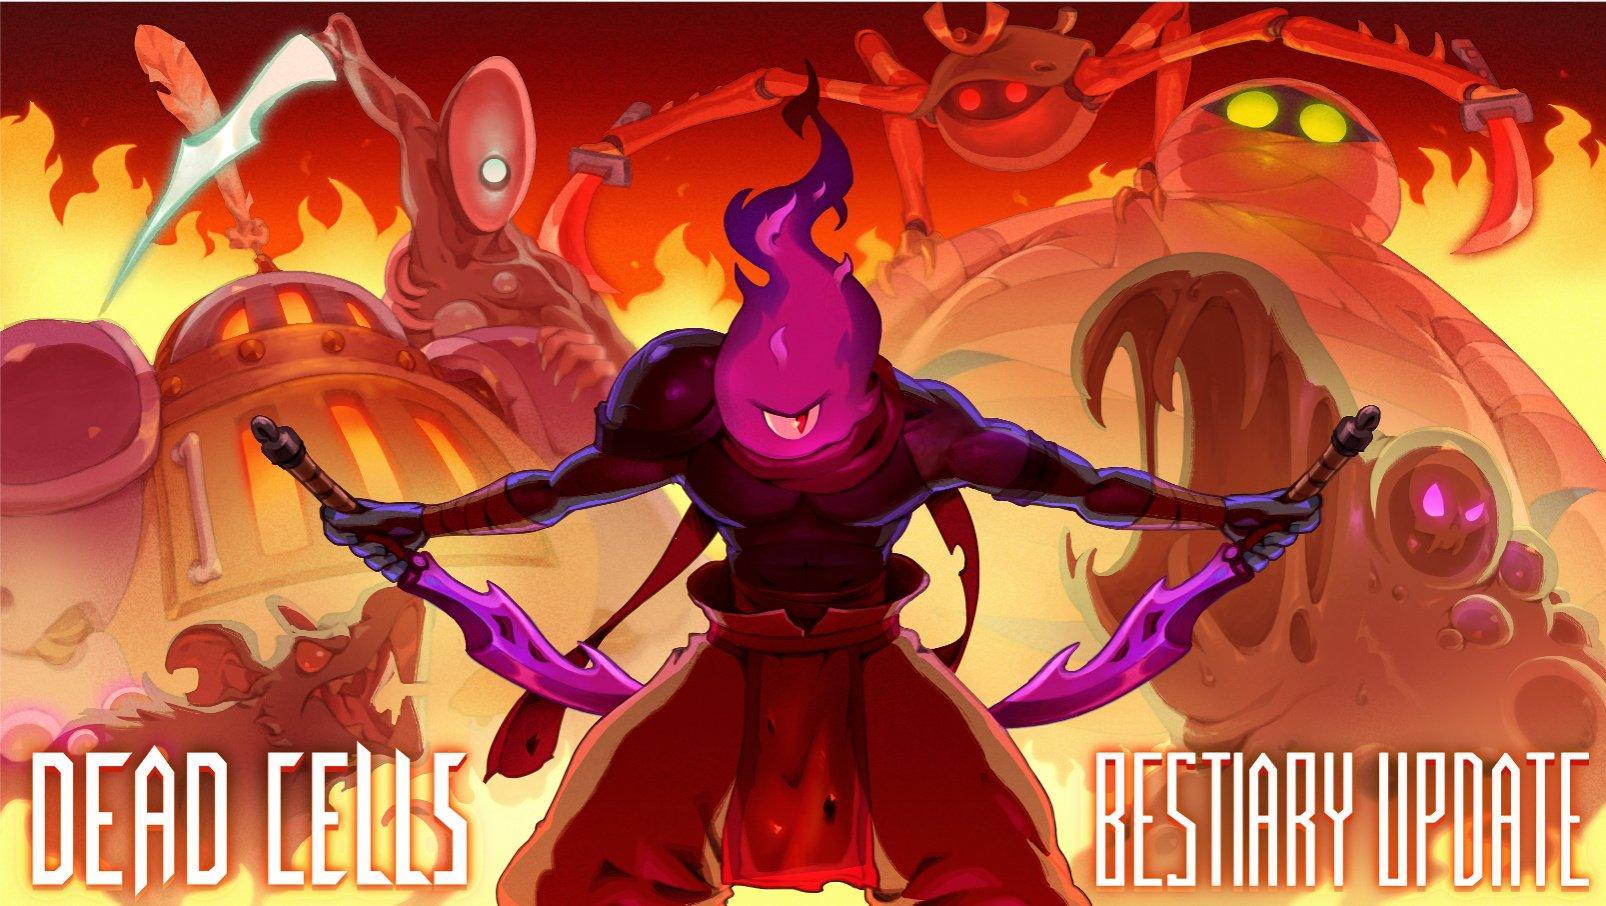 """Бесплатное обновление """"Bestiary"""" для Dead Cells заглянет на Nintendo Switch в следующем месяце 2"""